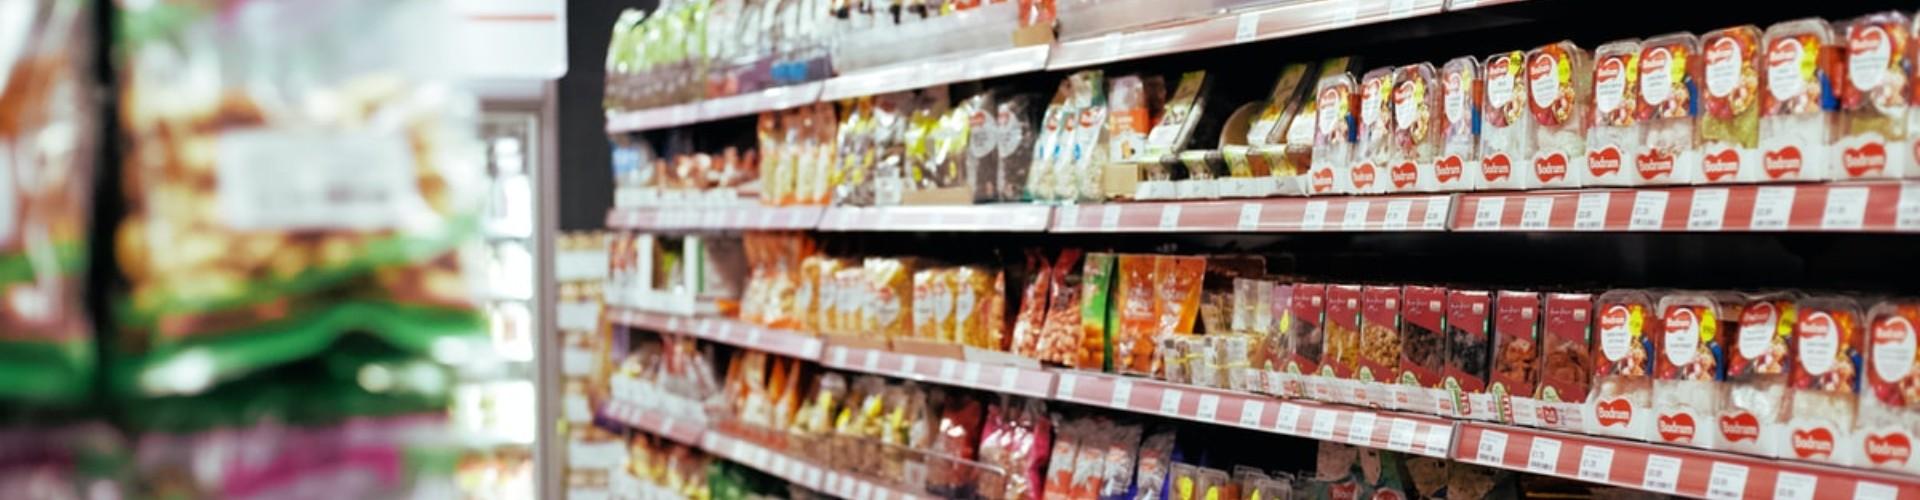 Lettre de motivation supermarché/grande surface (distribution)